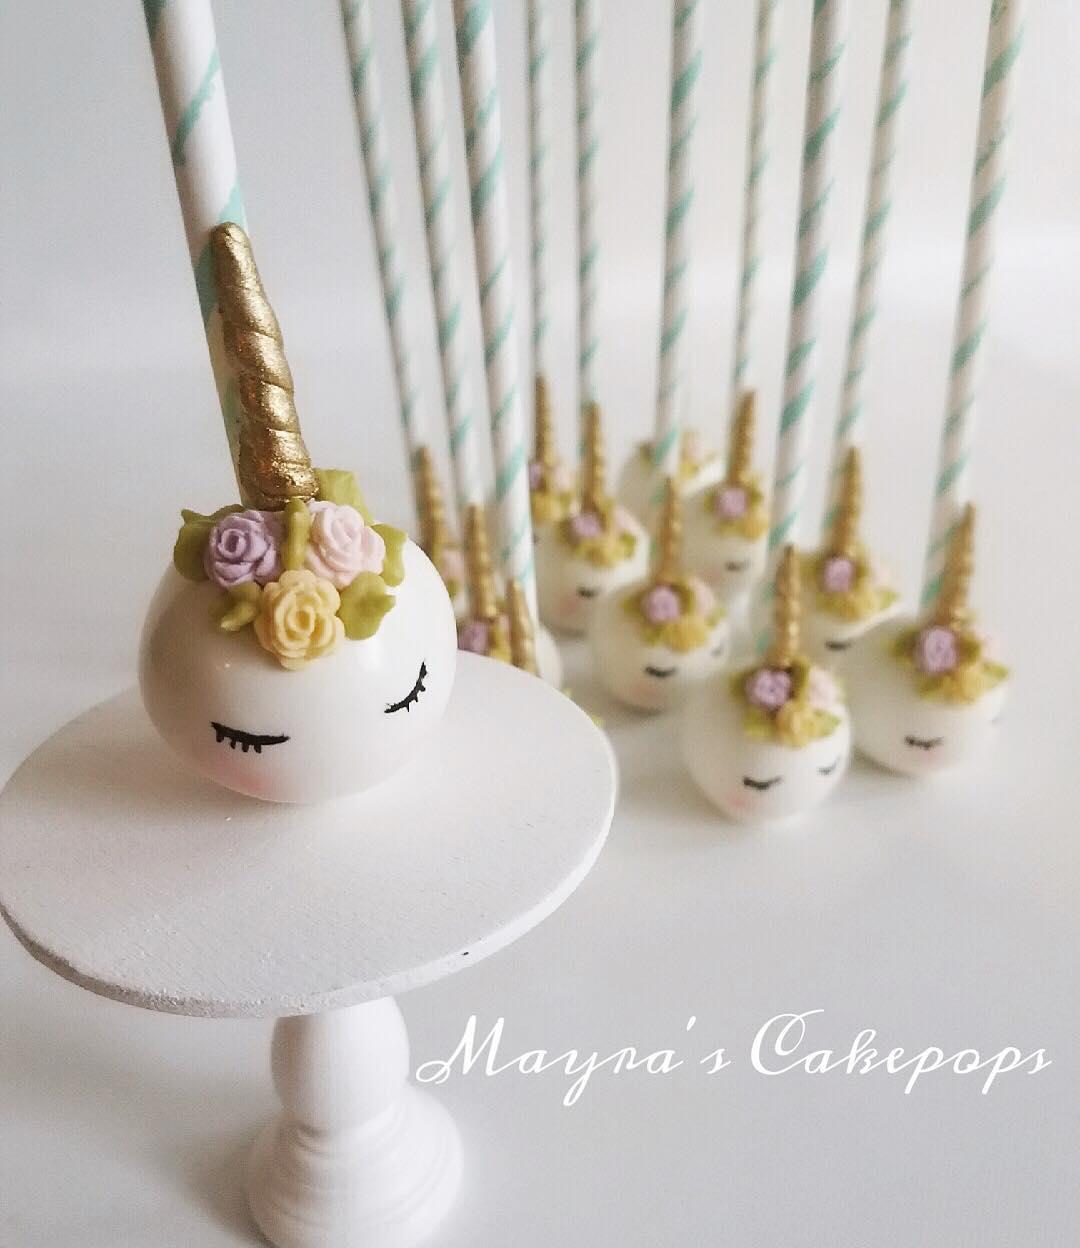 Os novos bolos com palito, com um cake design em forma de unicórnio